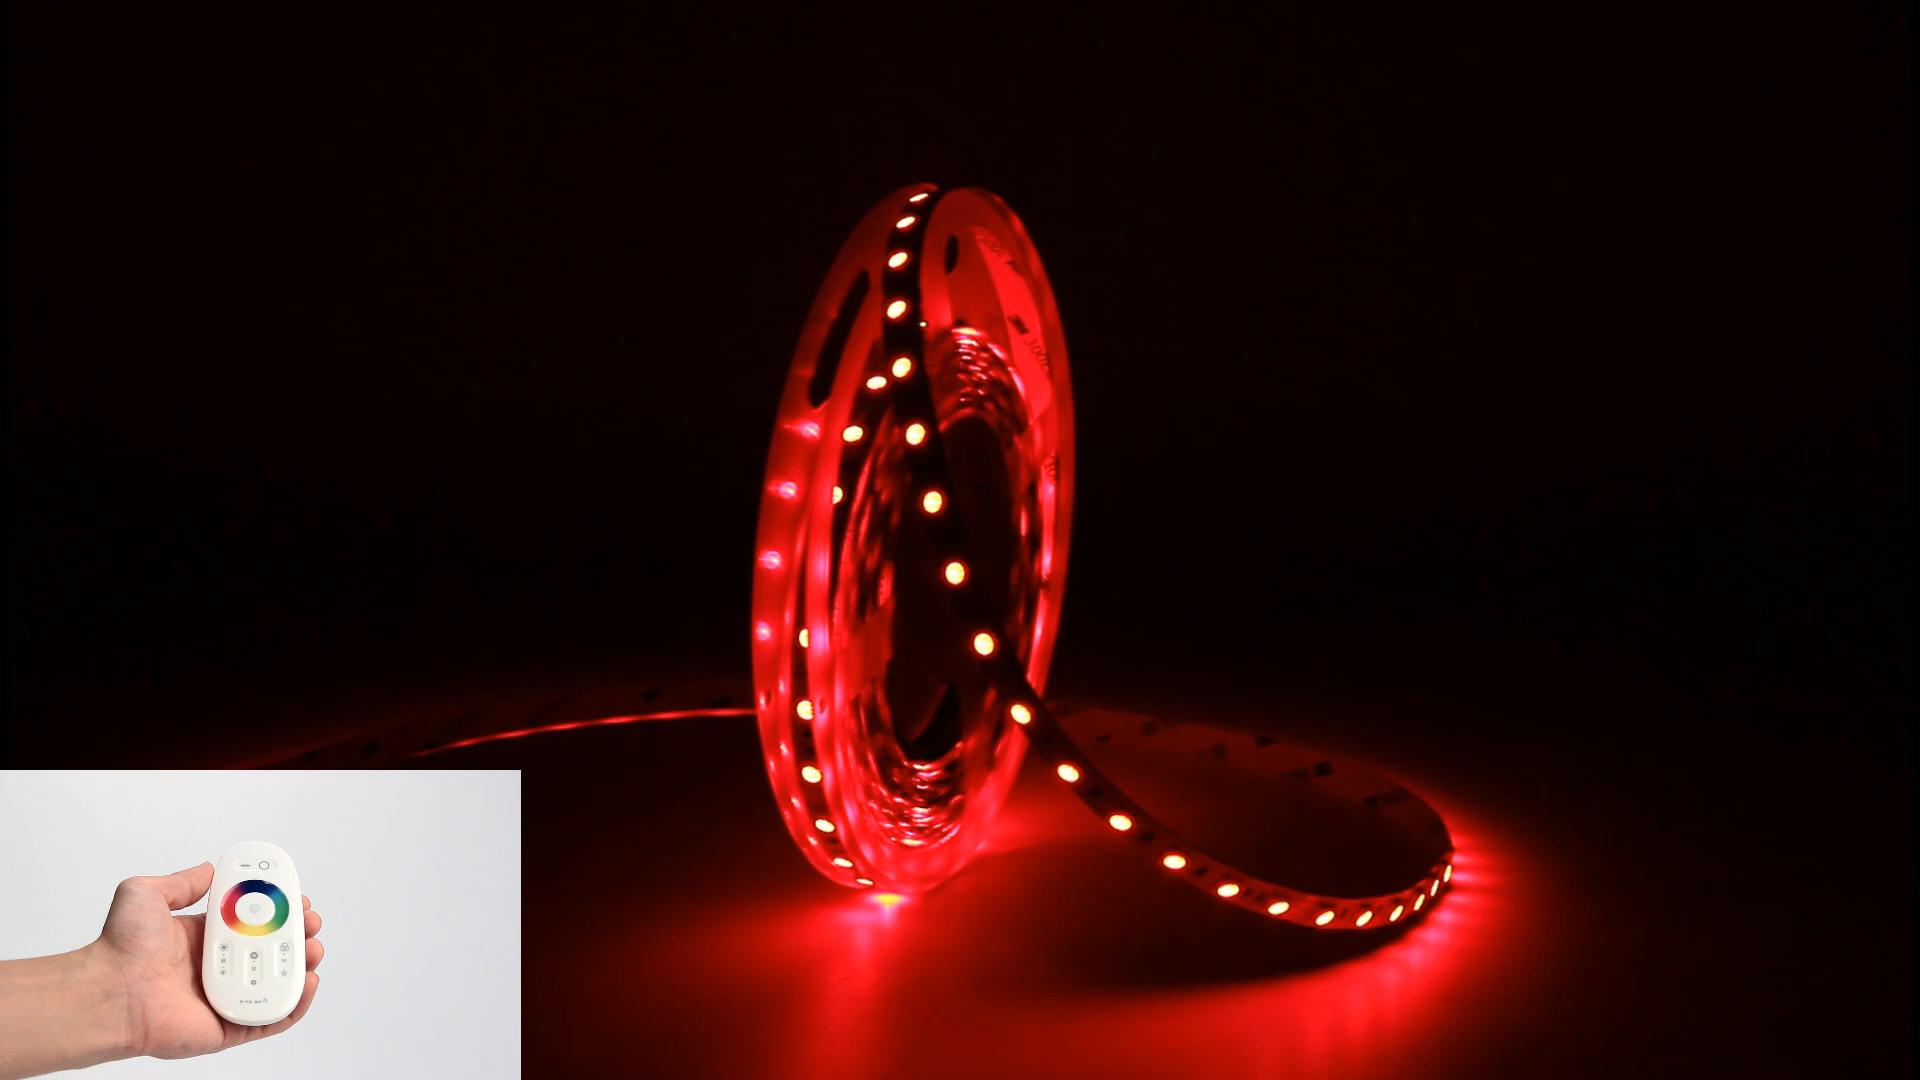 Flessibile 5050 RGB Impermeabile tiras fita cinta luces LED Luci di Striscia 5m 12v bande di trasporto RGB Ha Condotto La Luce di Striscia